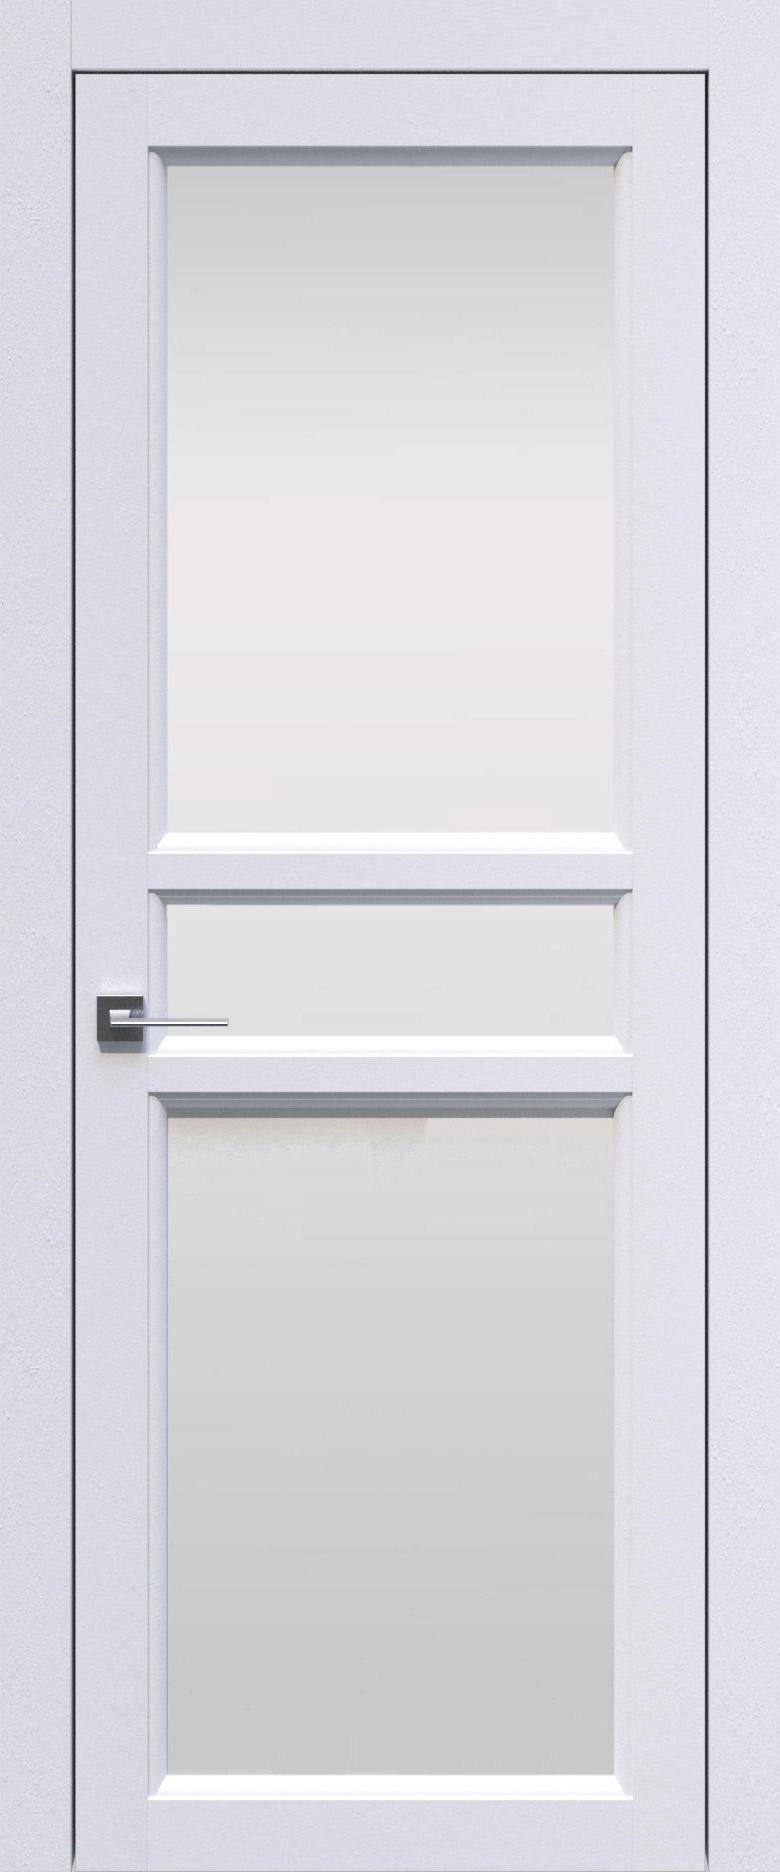 Sorrento-R Е2 цвет - Арктик белый Со стеклом (ДО)